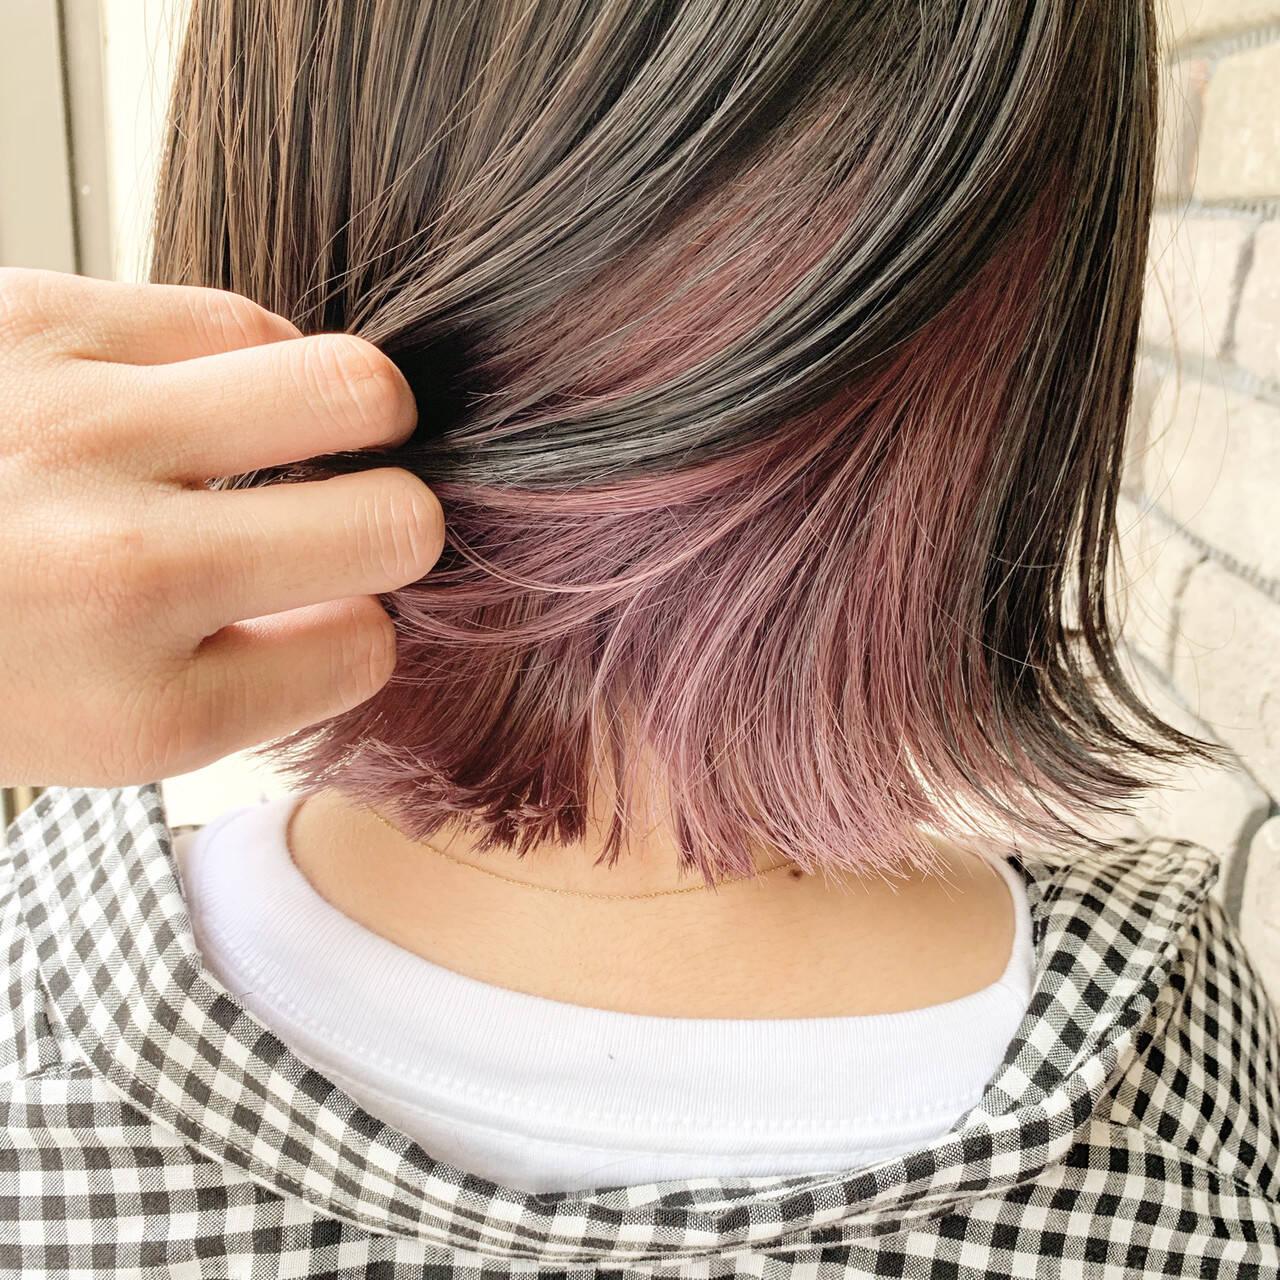 ボブ ストリート インナーカラー グレージュヘアスタイルや髪型の写真・画像